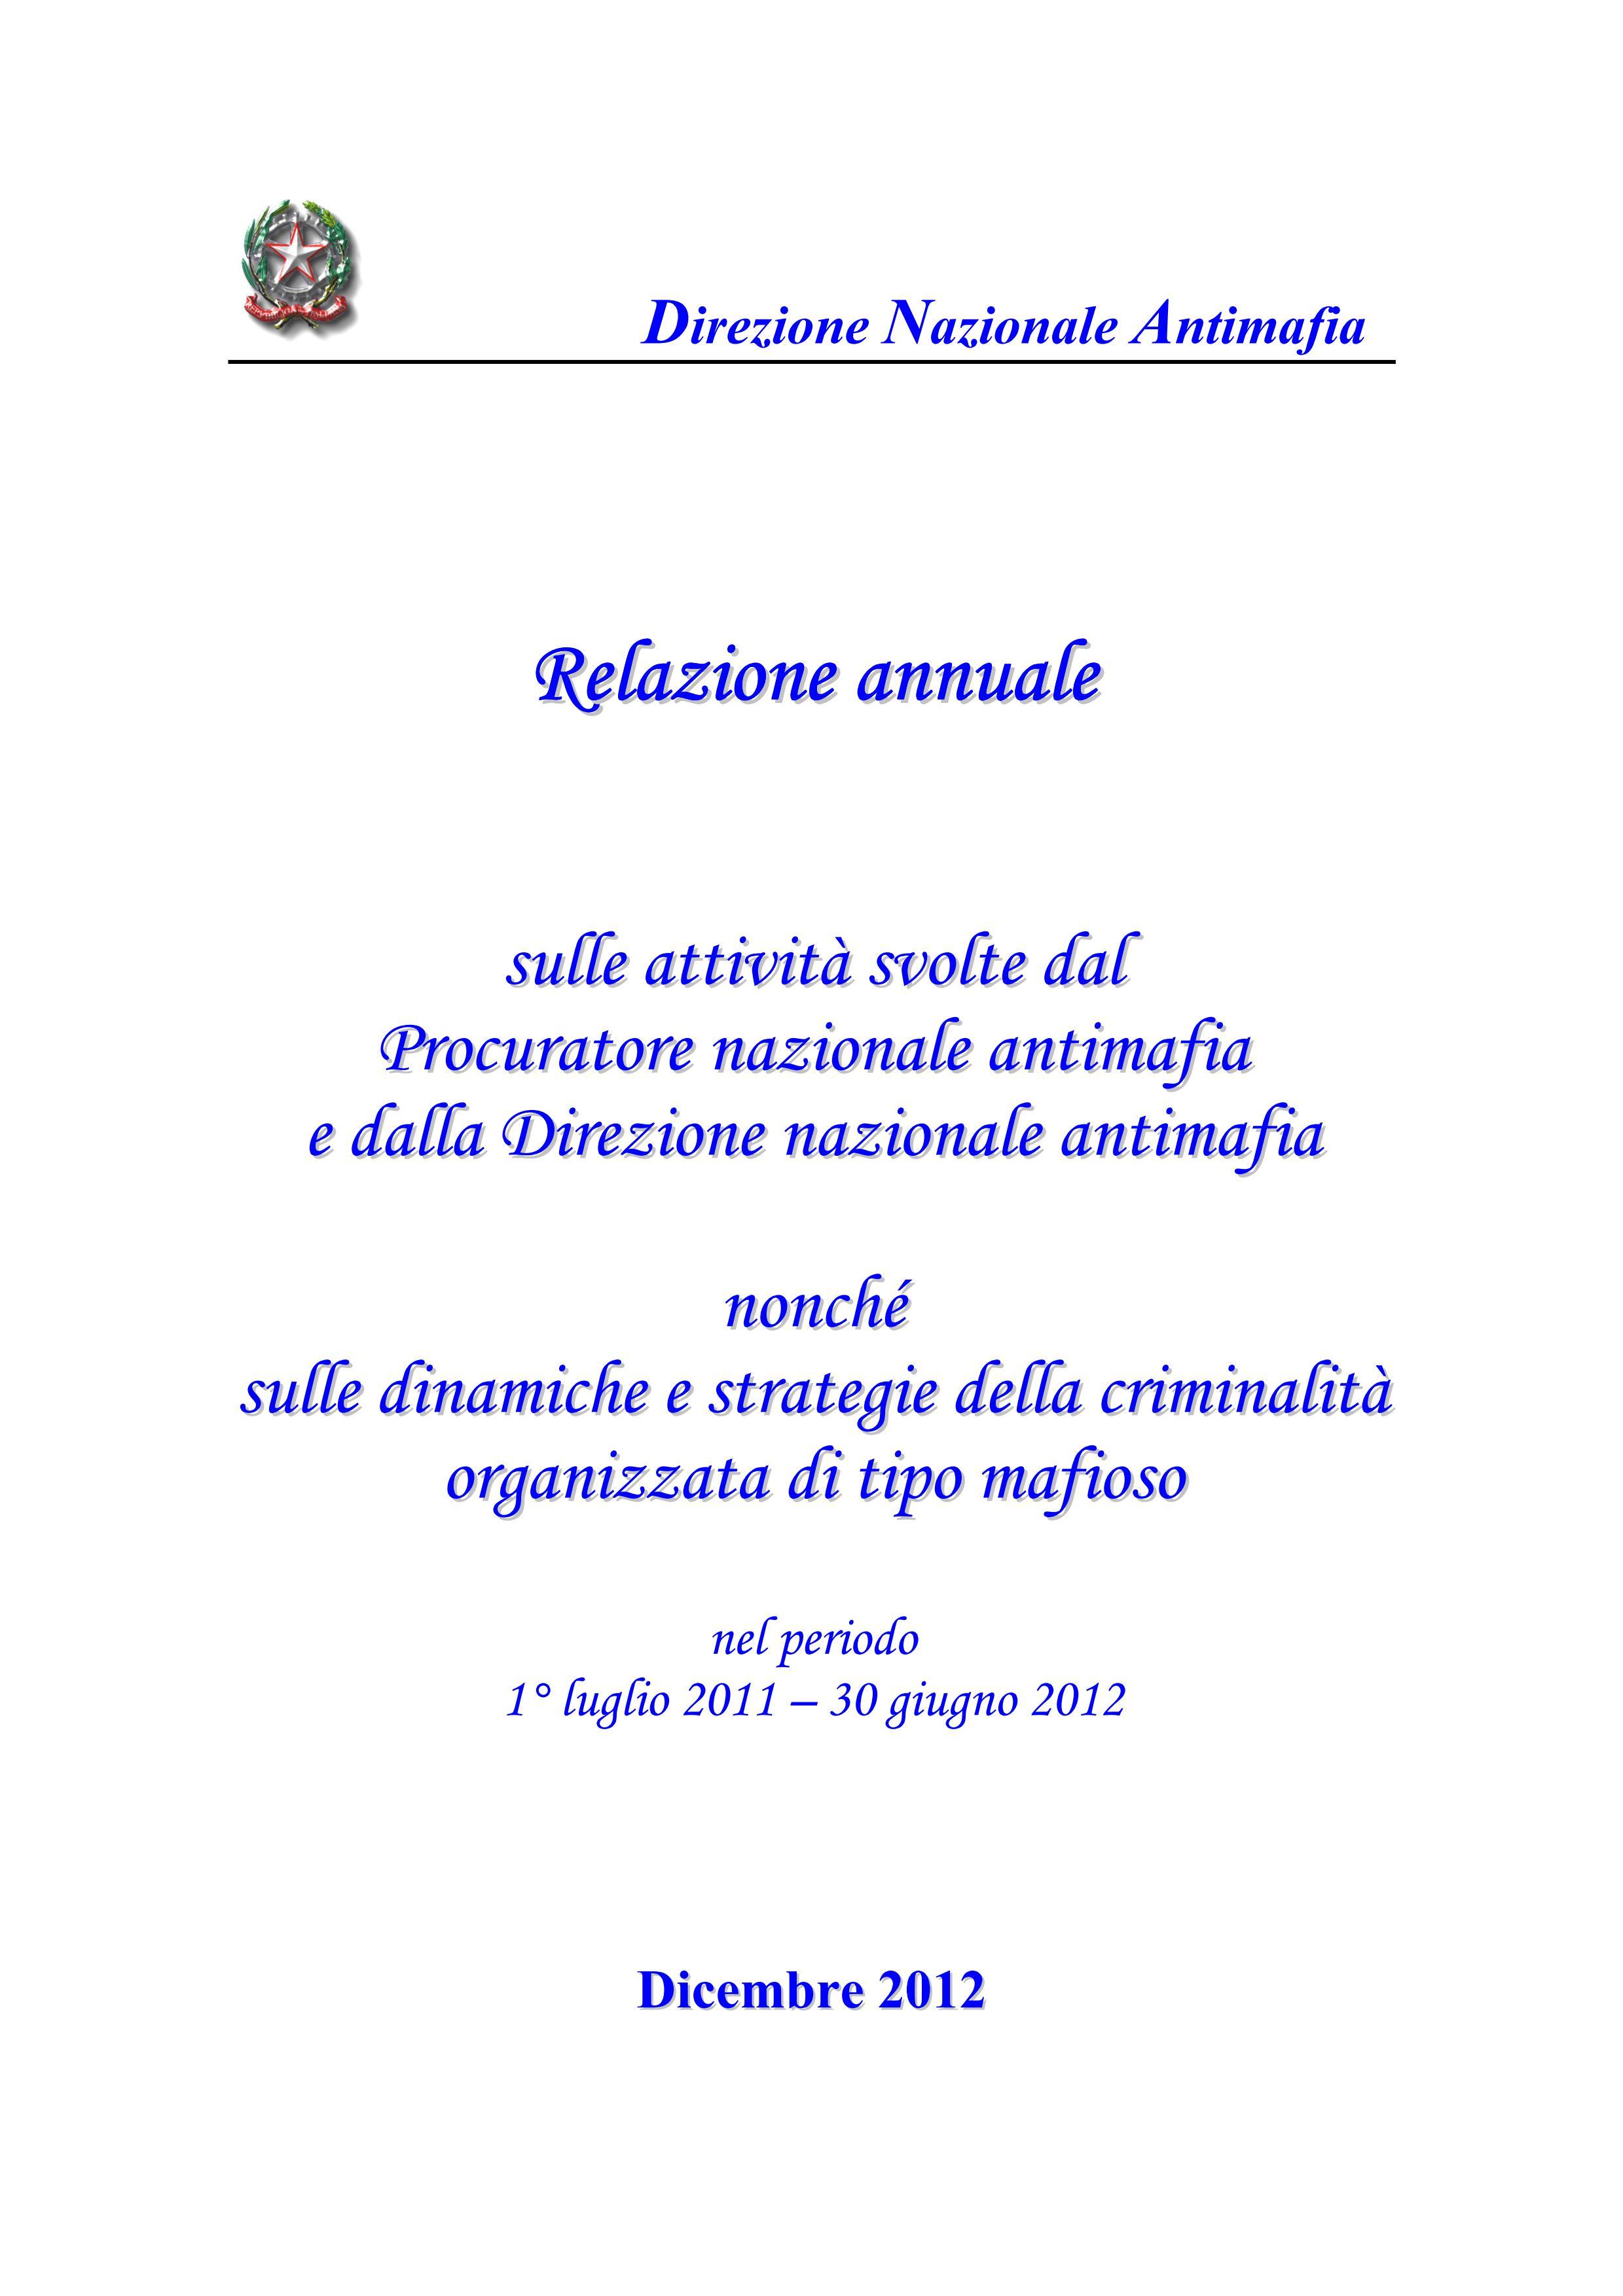 Relazione annuale della Direzione Nazionale Antimafia (DNA)